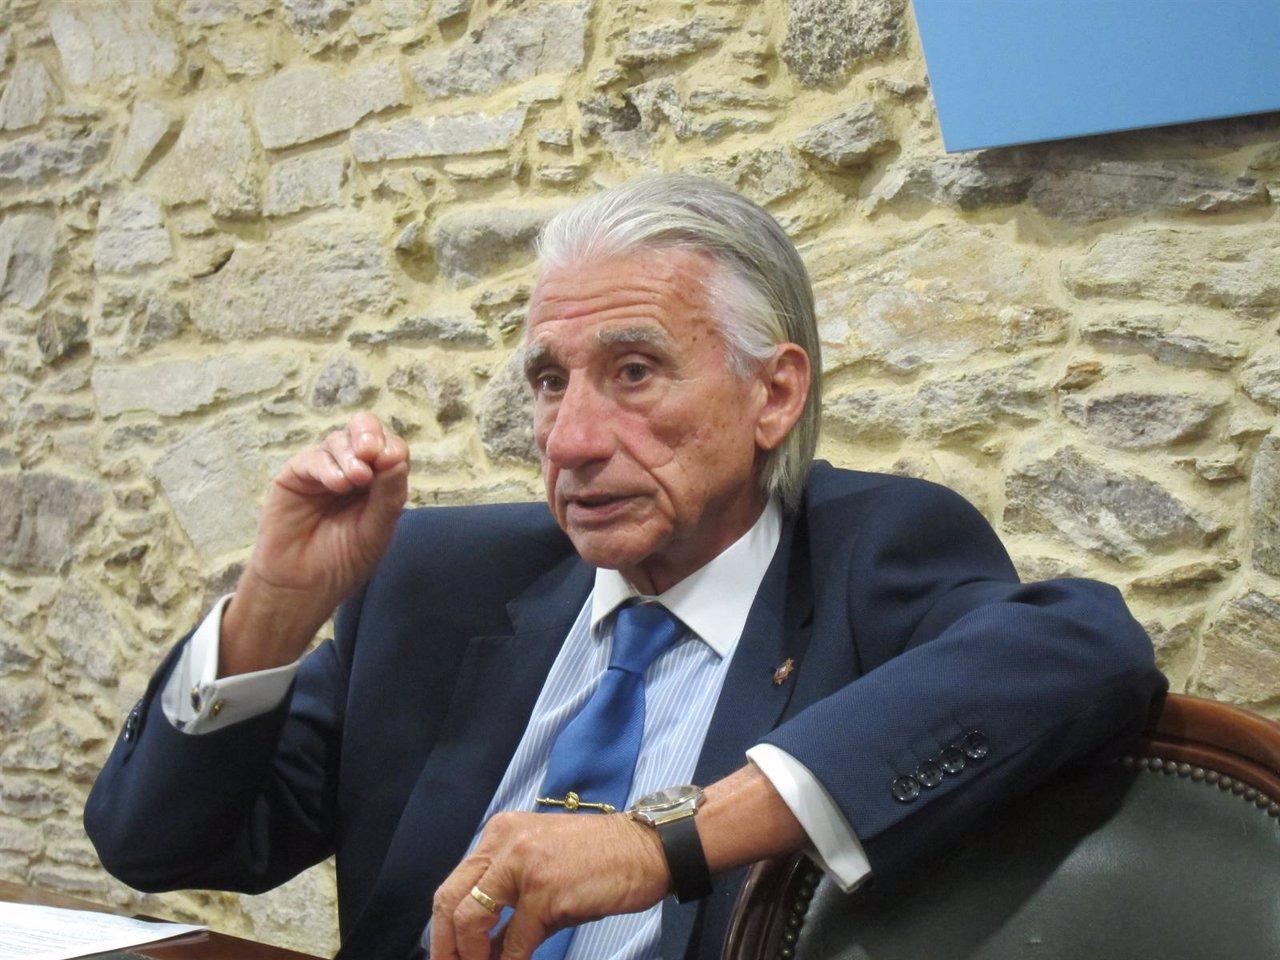 El presidente de la patronal gallega, José Manuel Fernández Alvariño